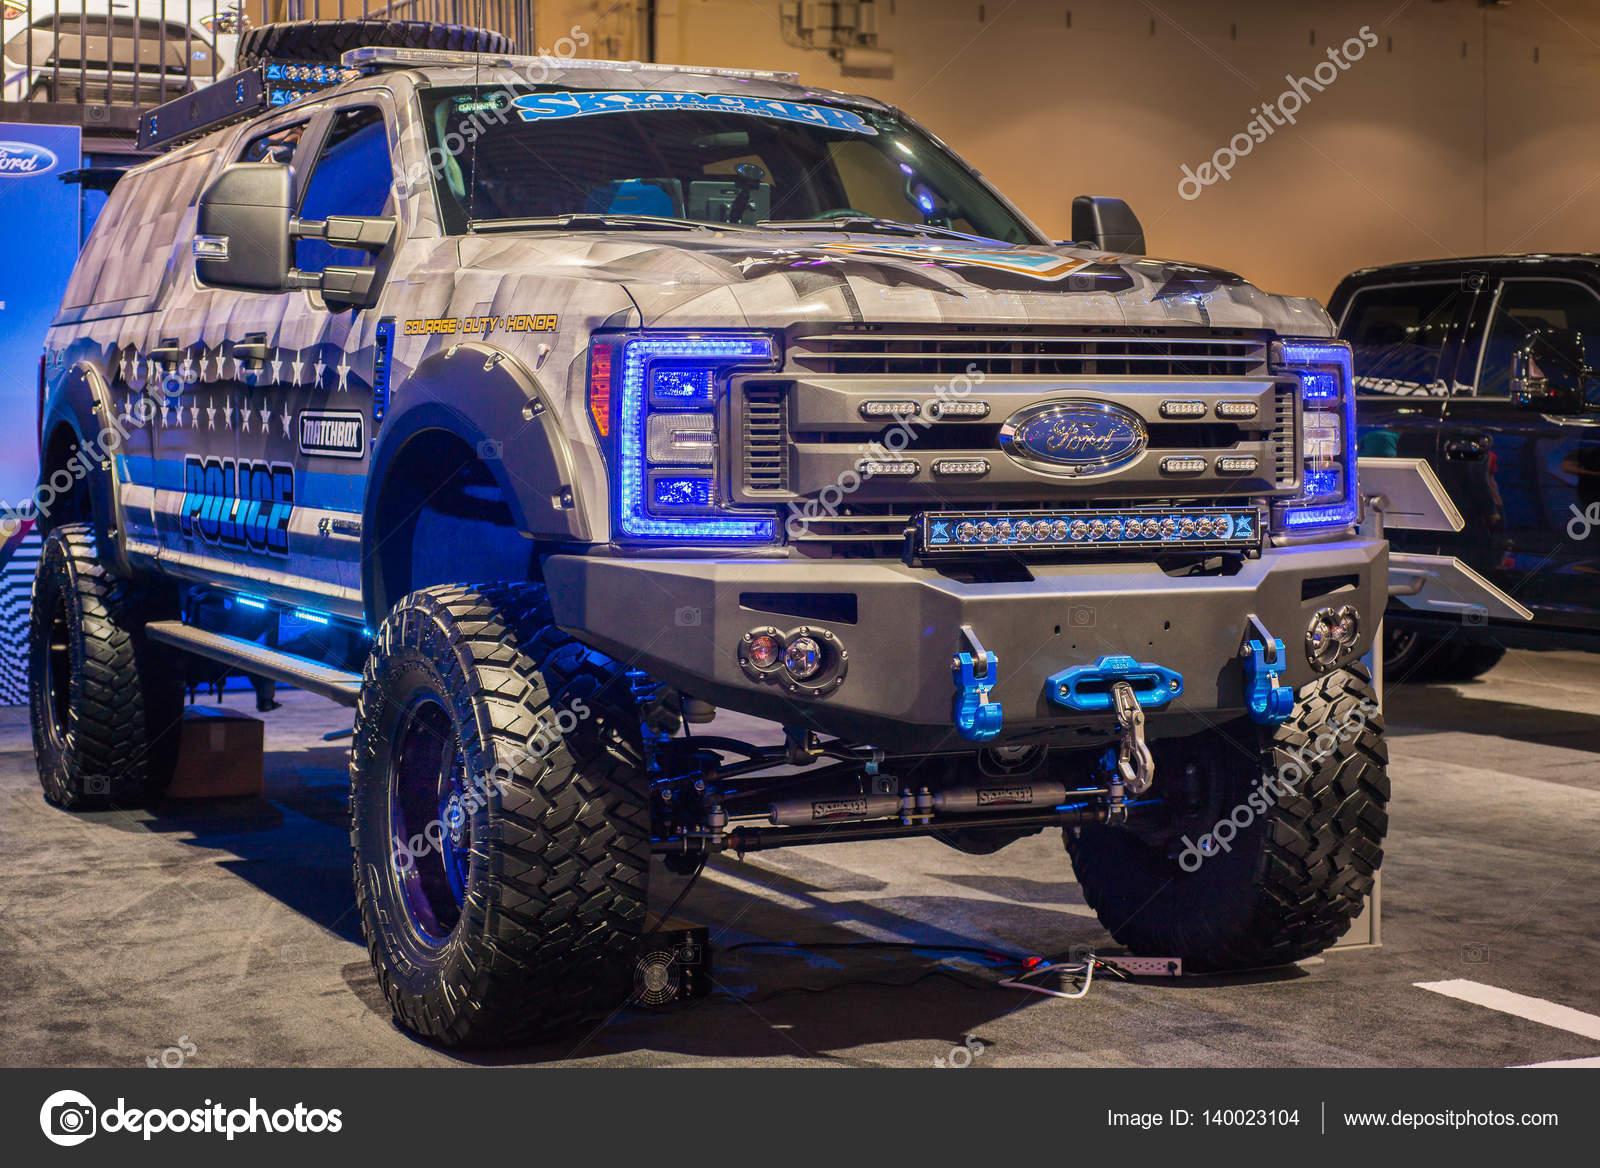 Matchbox Politie Thema Vrachtwagen 2017 F 350 Ford Super